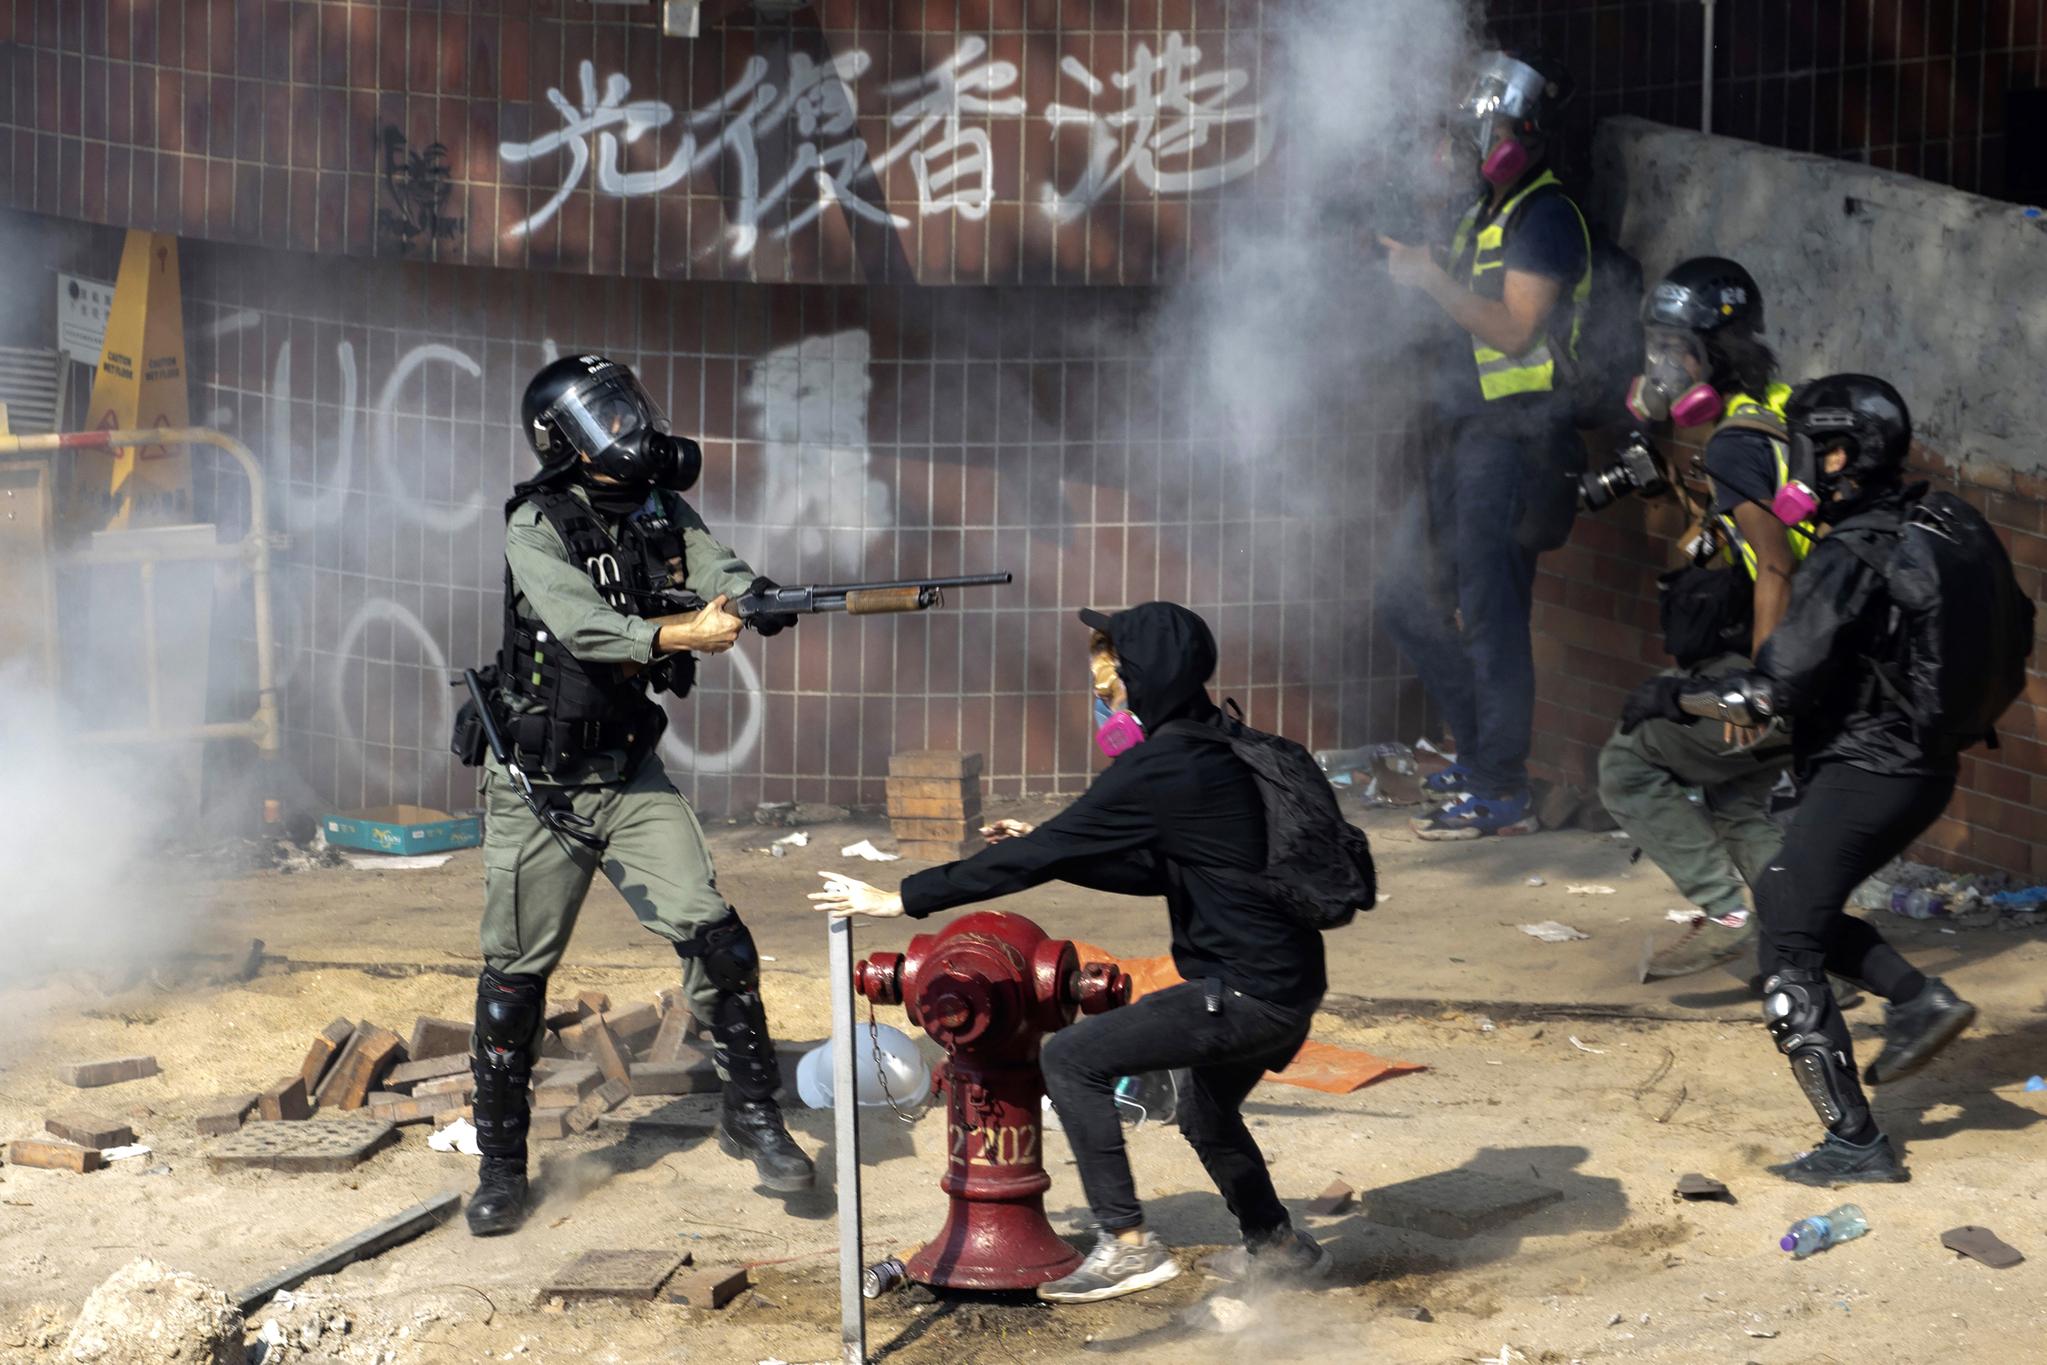 18일(현지시간) 홍콩 이공대 인근에서 경찰이 총을 겨누자 놀란 시위대와 취재진이 흩어지고 있다. [AP=연합뉴스]